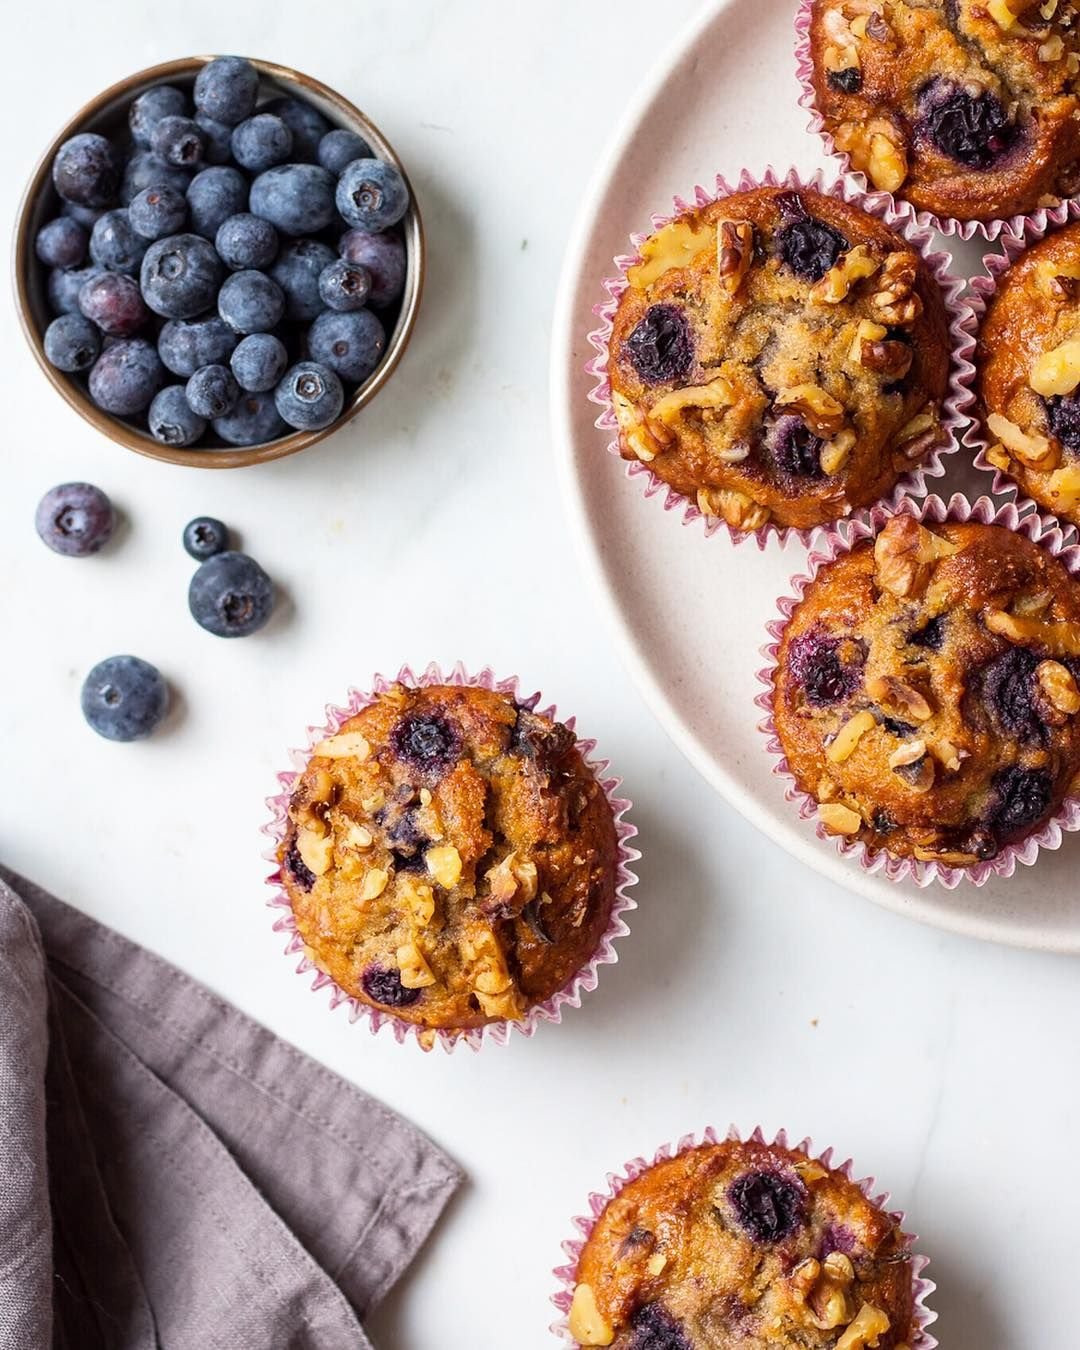 фруктовые кексы рецепт фото которые